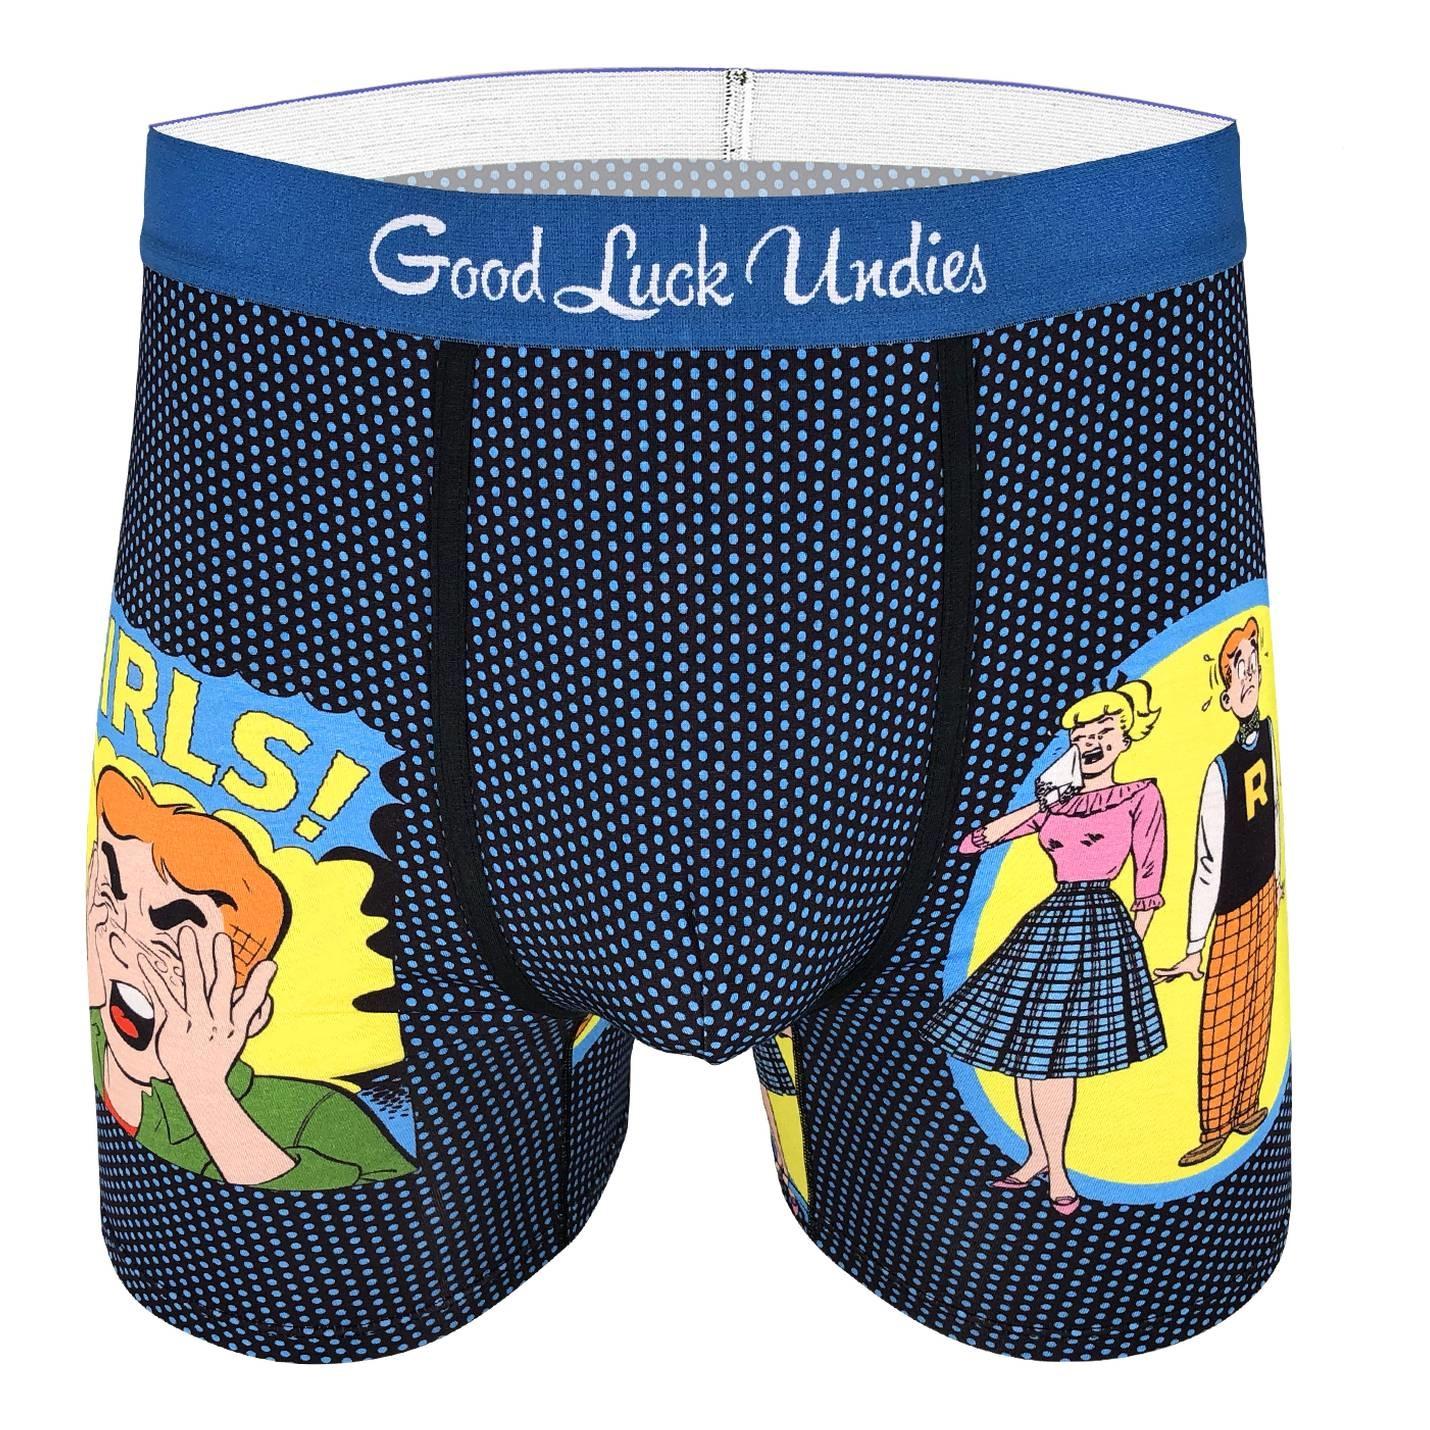 Good Luck Undies Good Luck Undies Archie's Girls